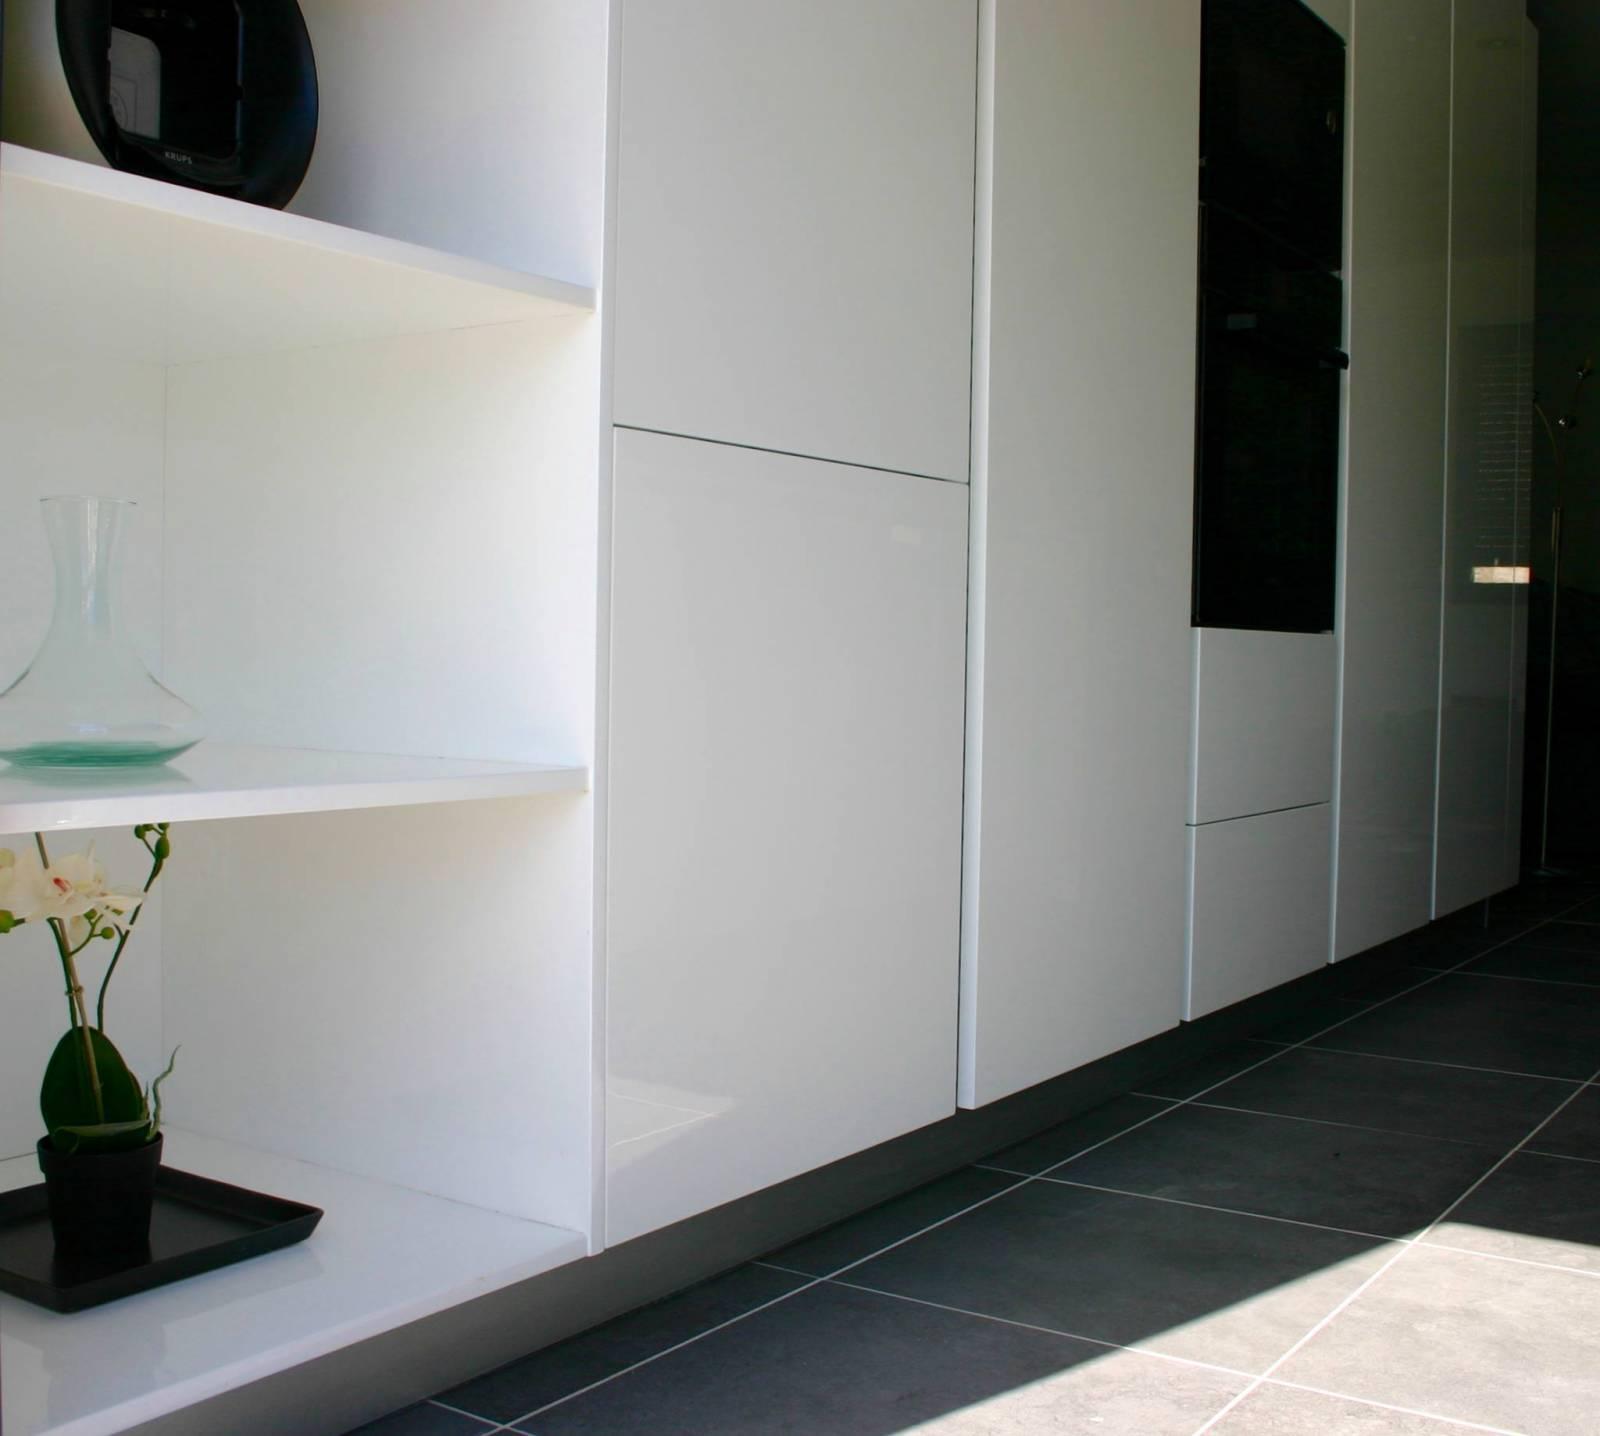 D nt conception cuisine blanc brillant colonnes il t sur for Conception cuisine sur ipad